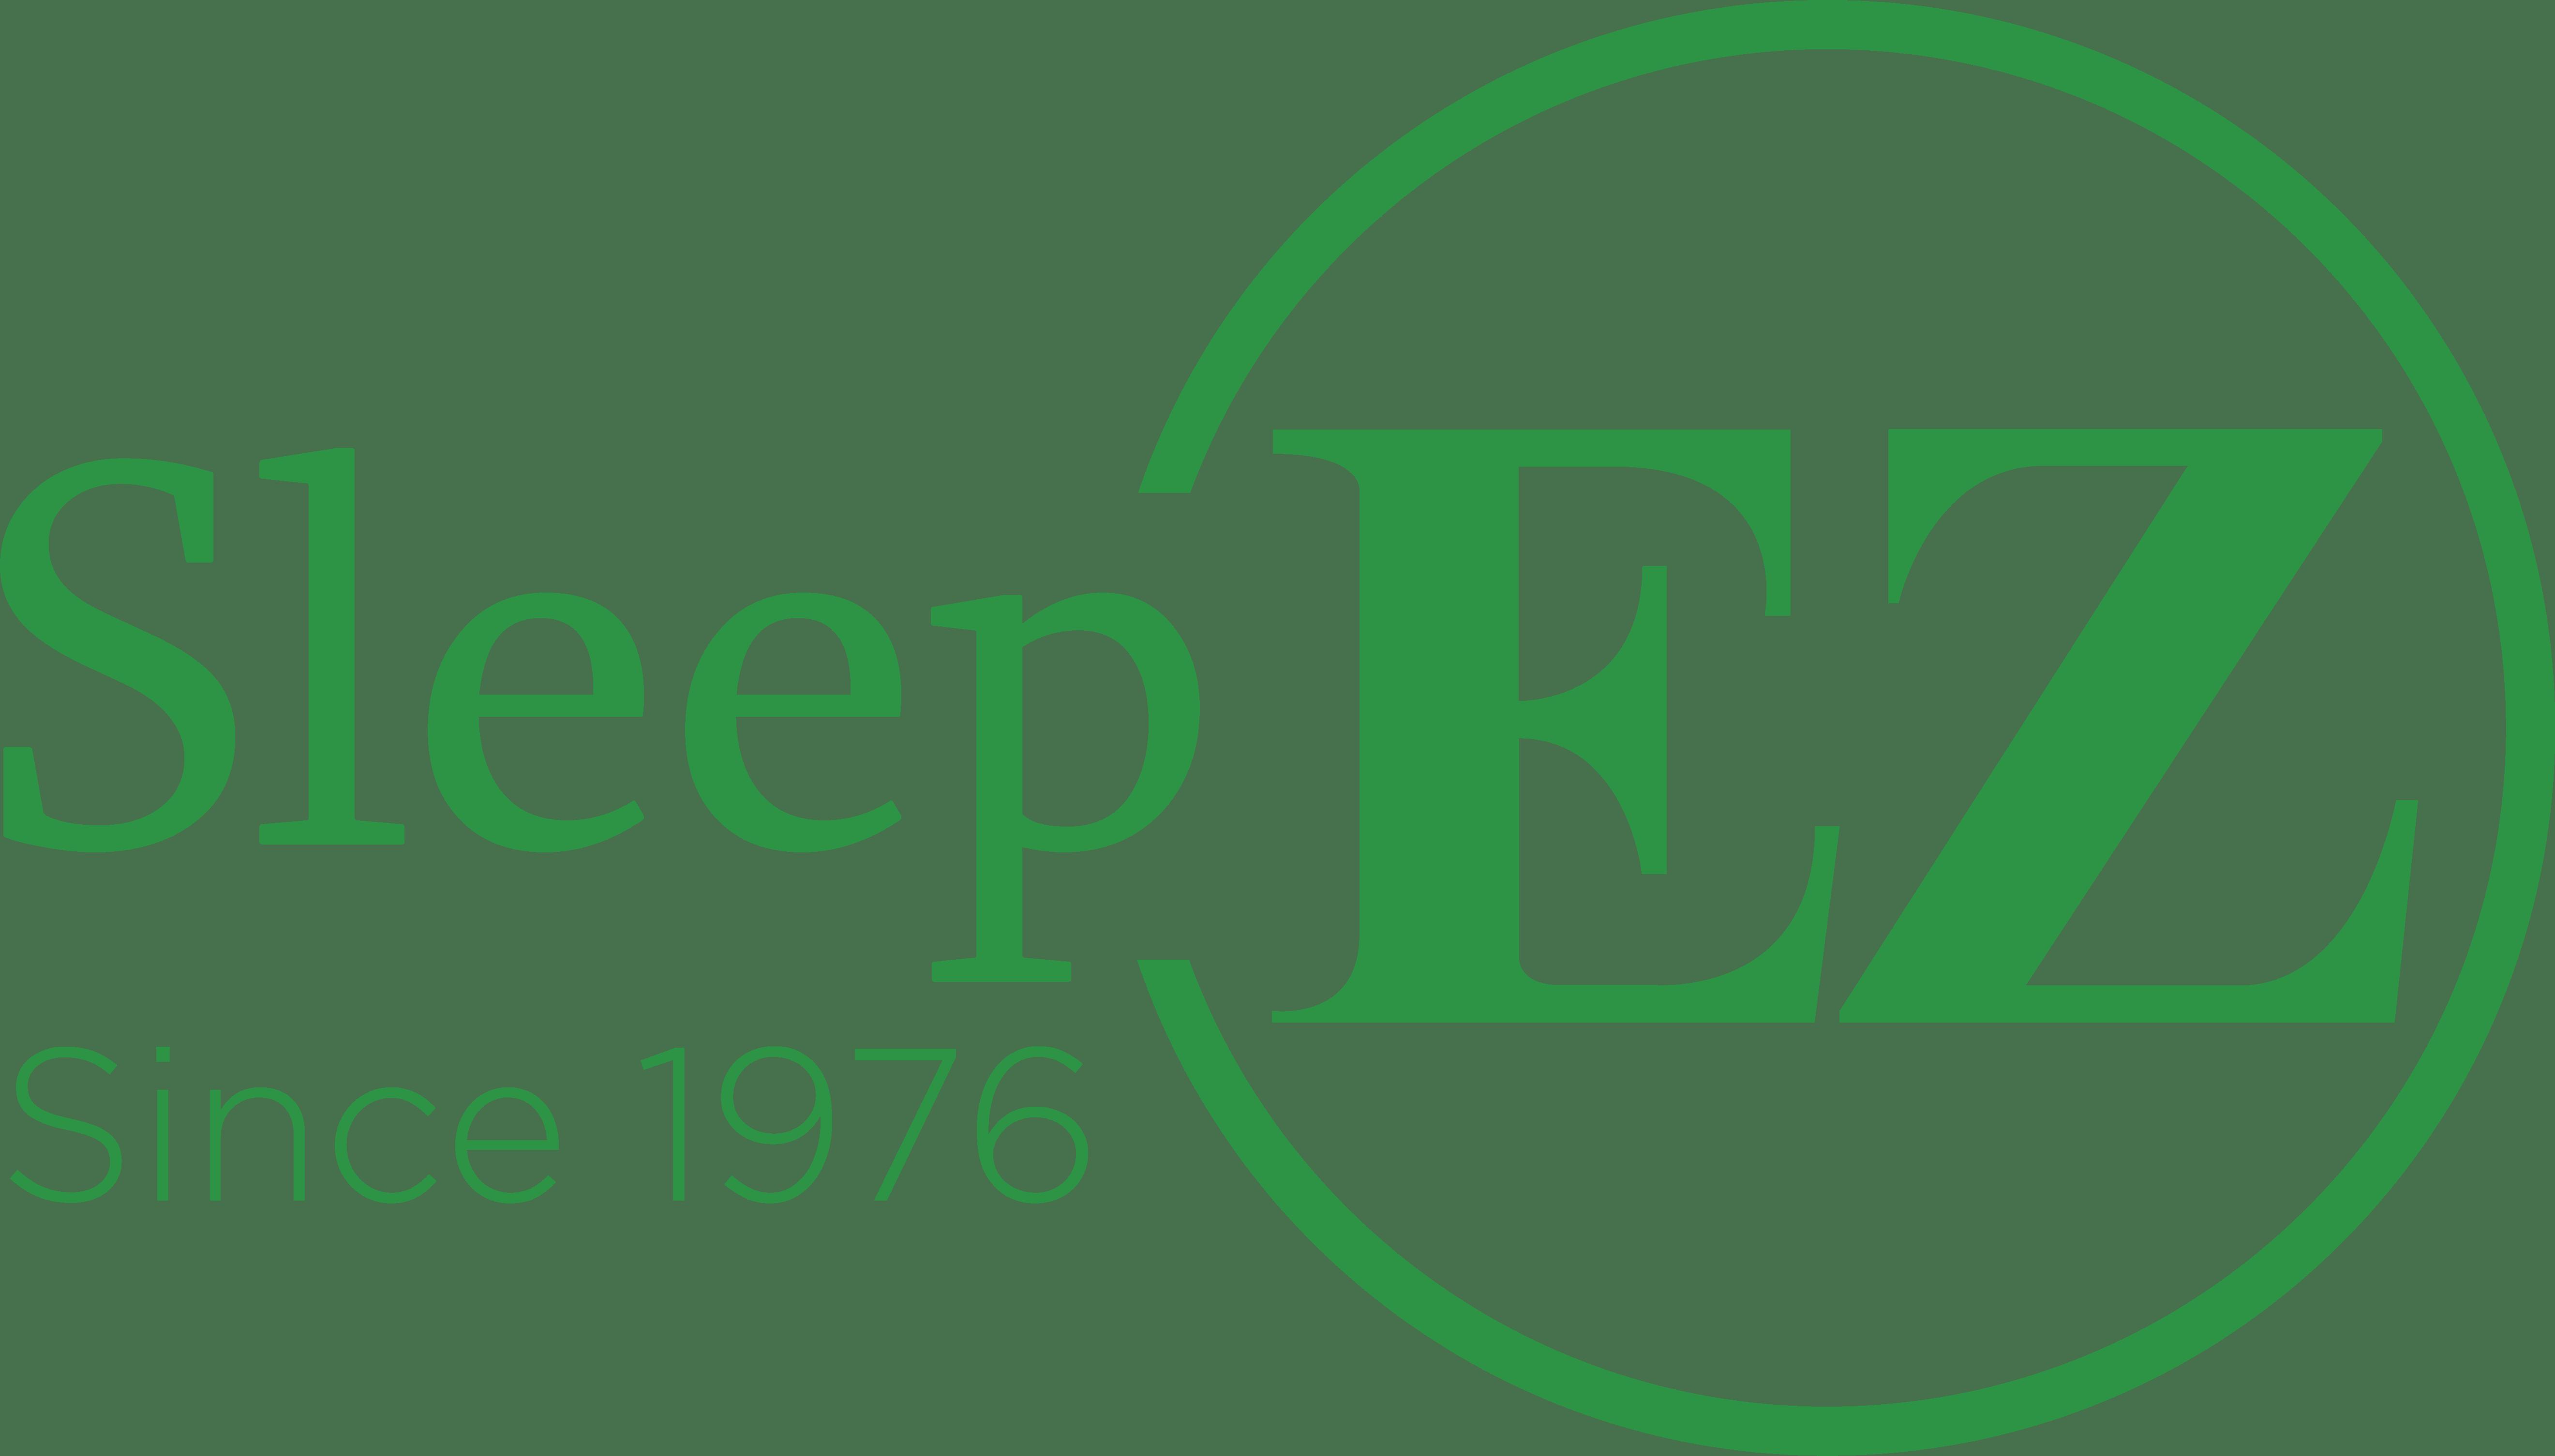 Sleep Ez Lifetime Dreams Is It Worth It Sleepare Reviews